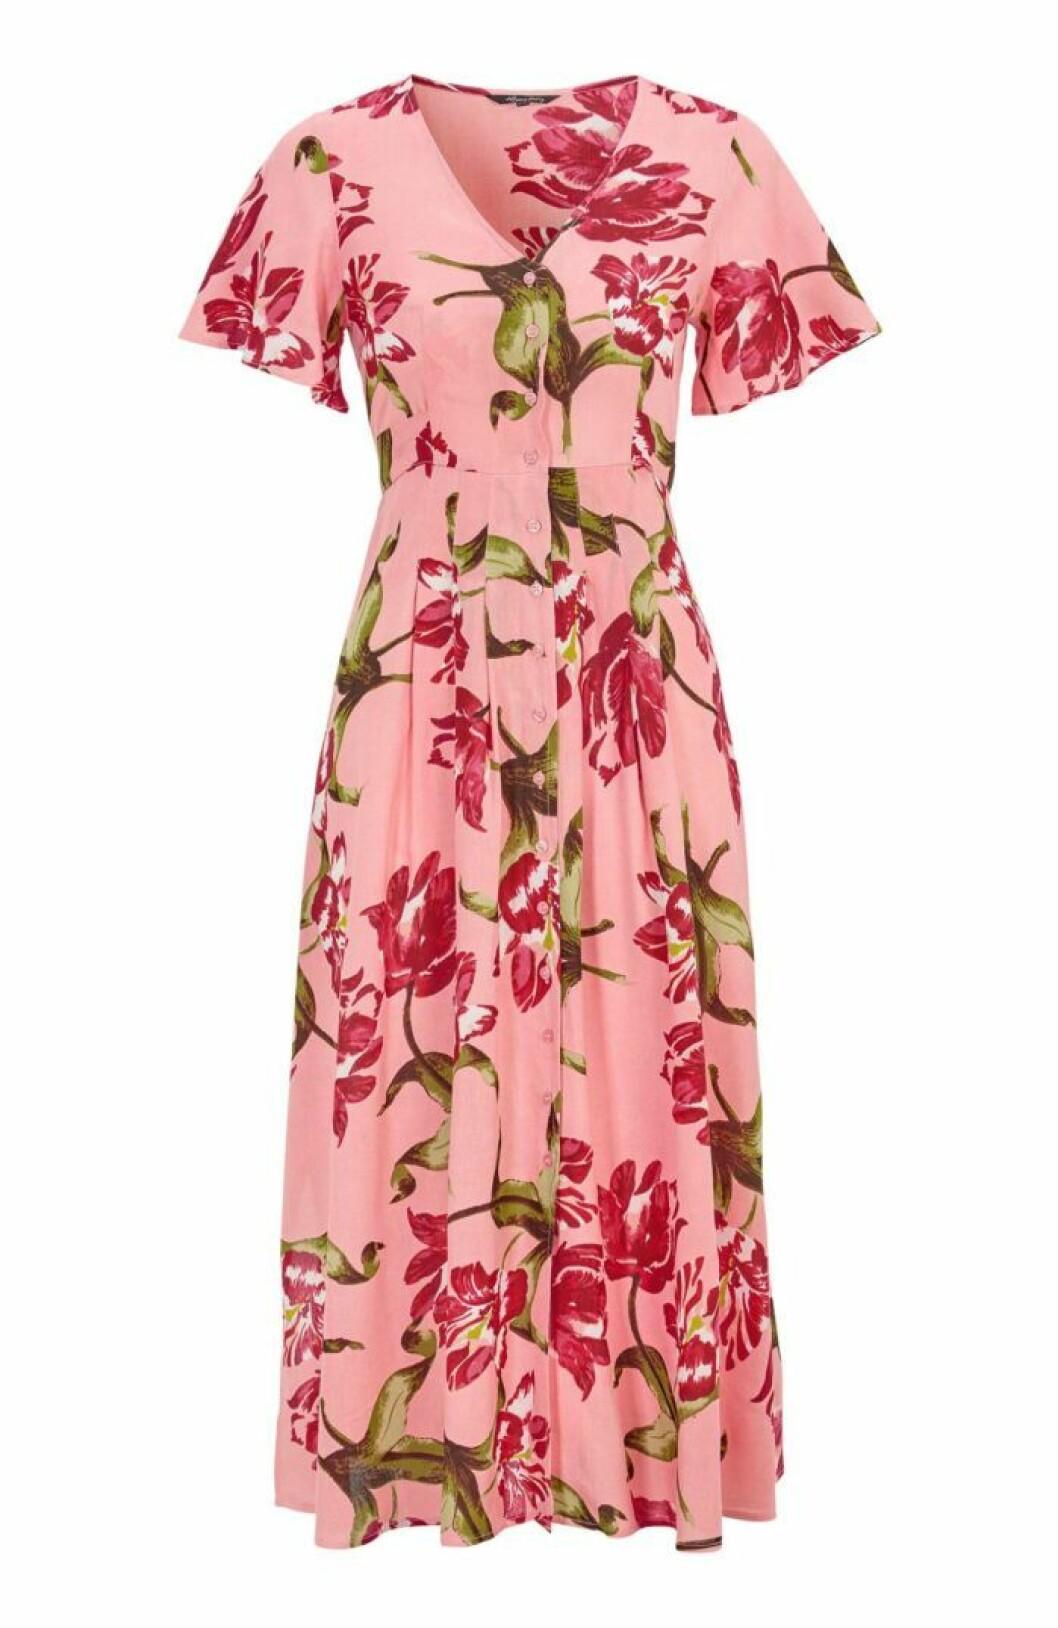 Blommig klänning i rosaa